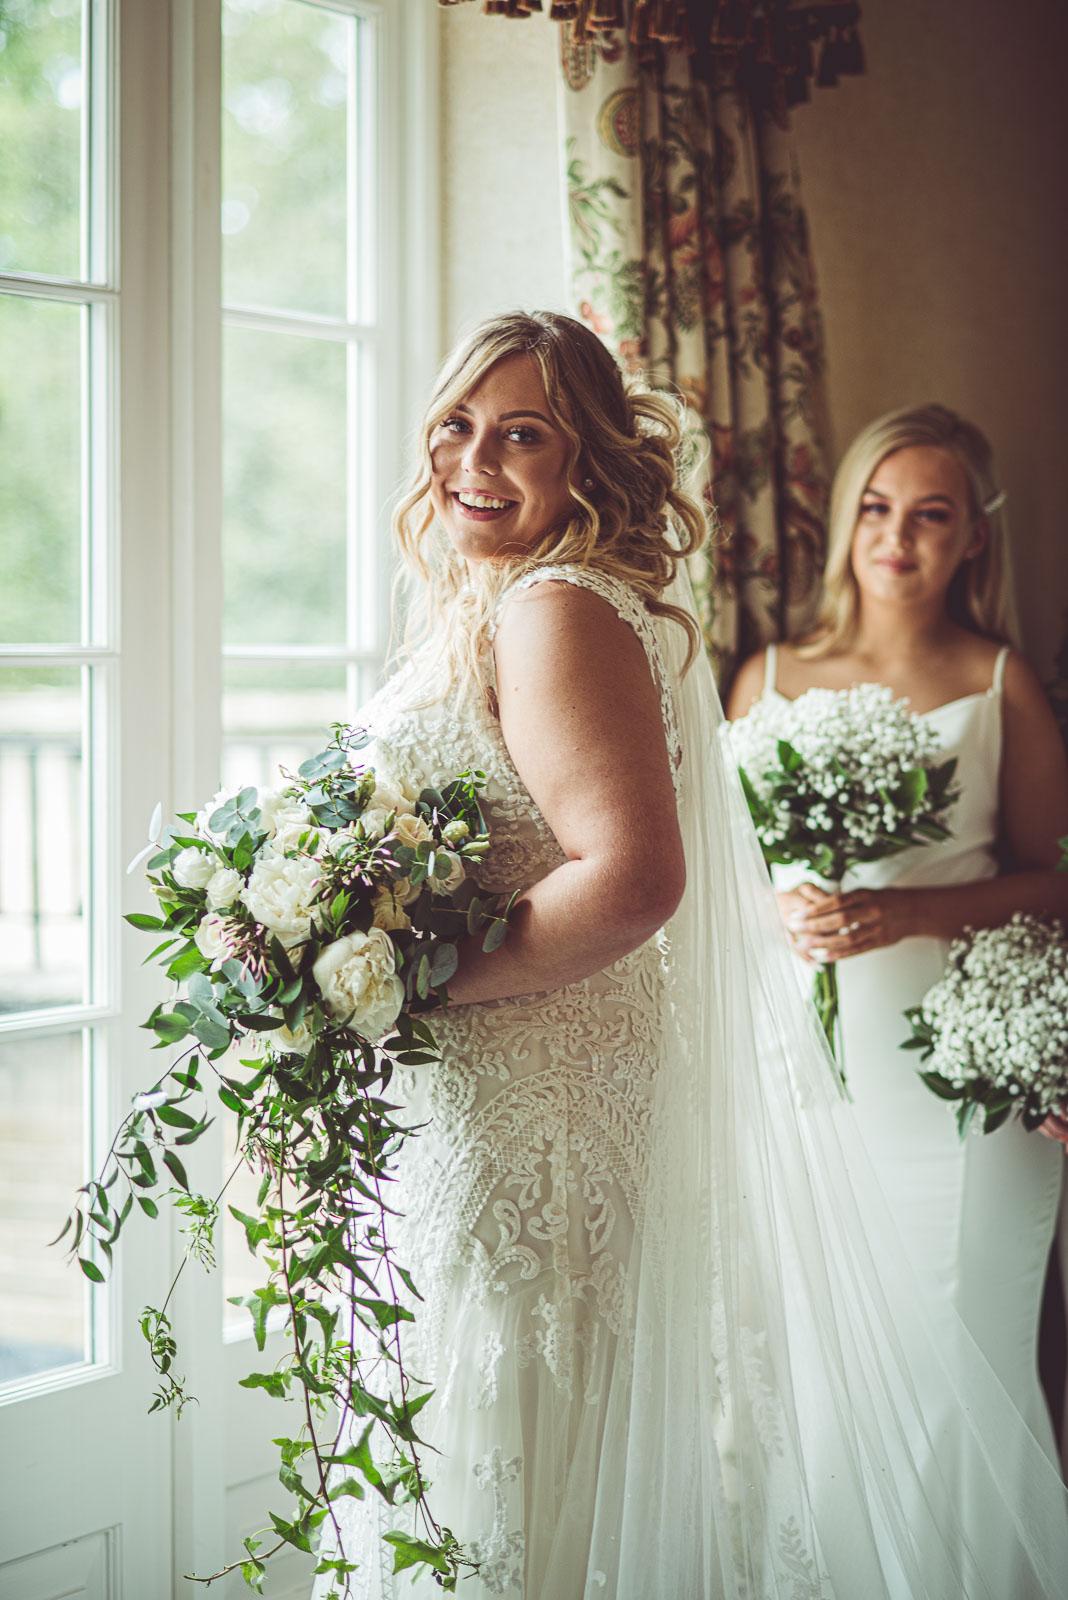 Lutonhoo-wedding-Bedfordshire-Datchworth-Tewinburyfarm-19.jpg